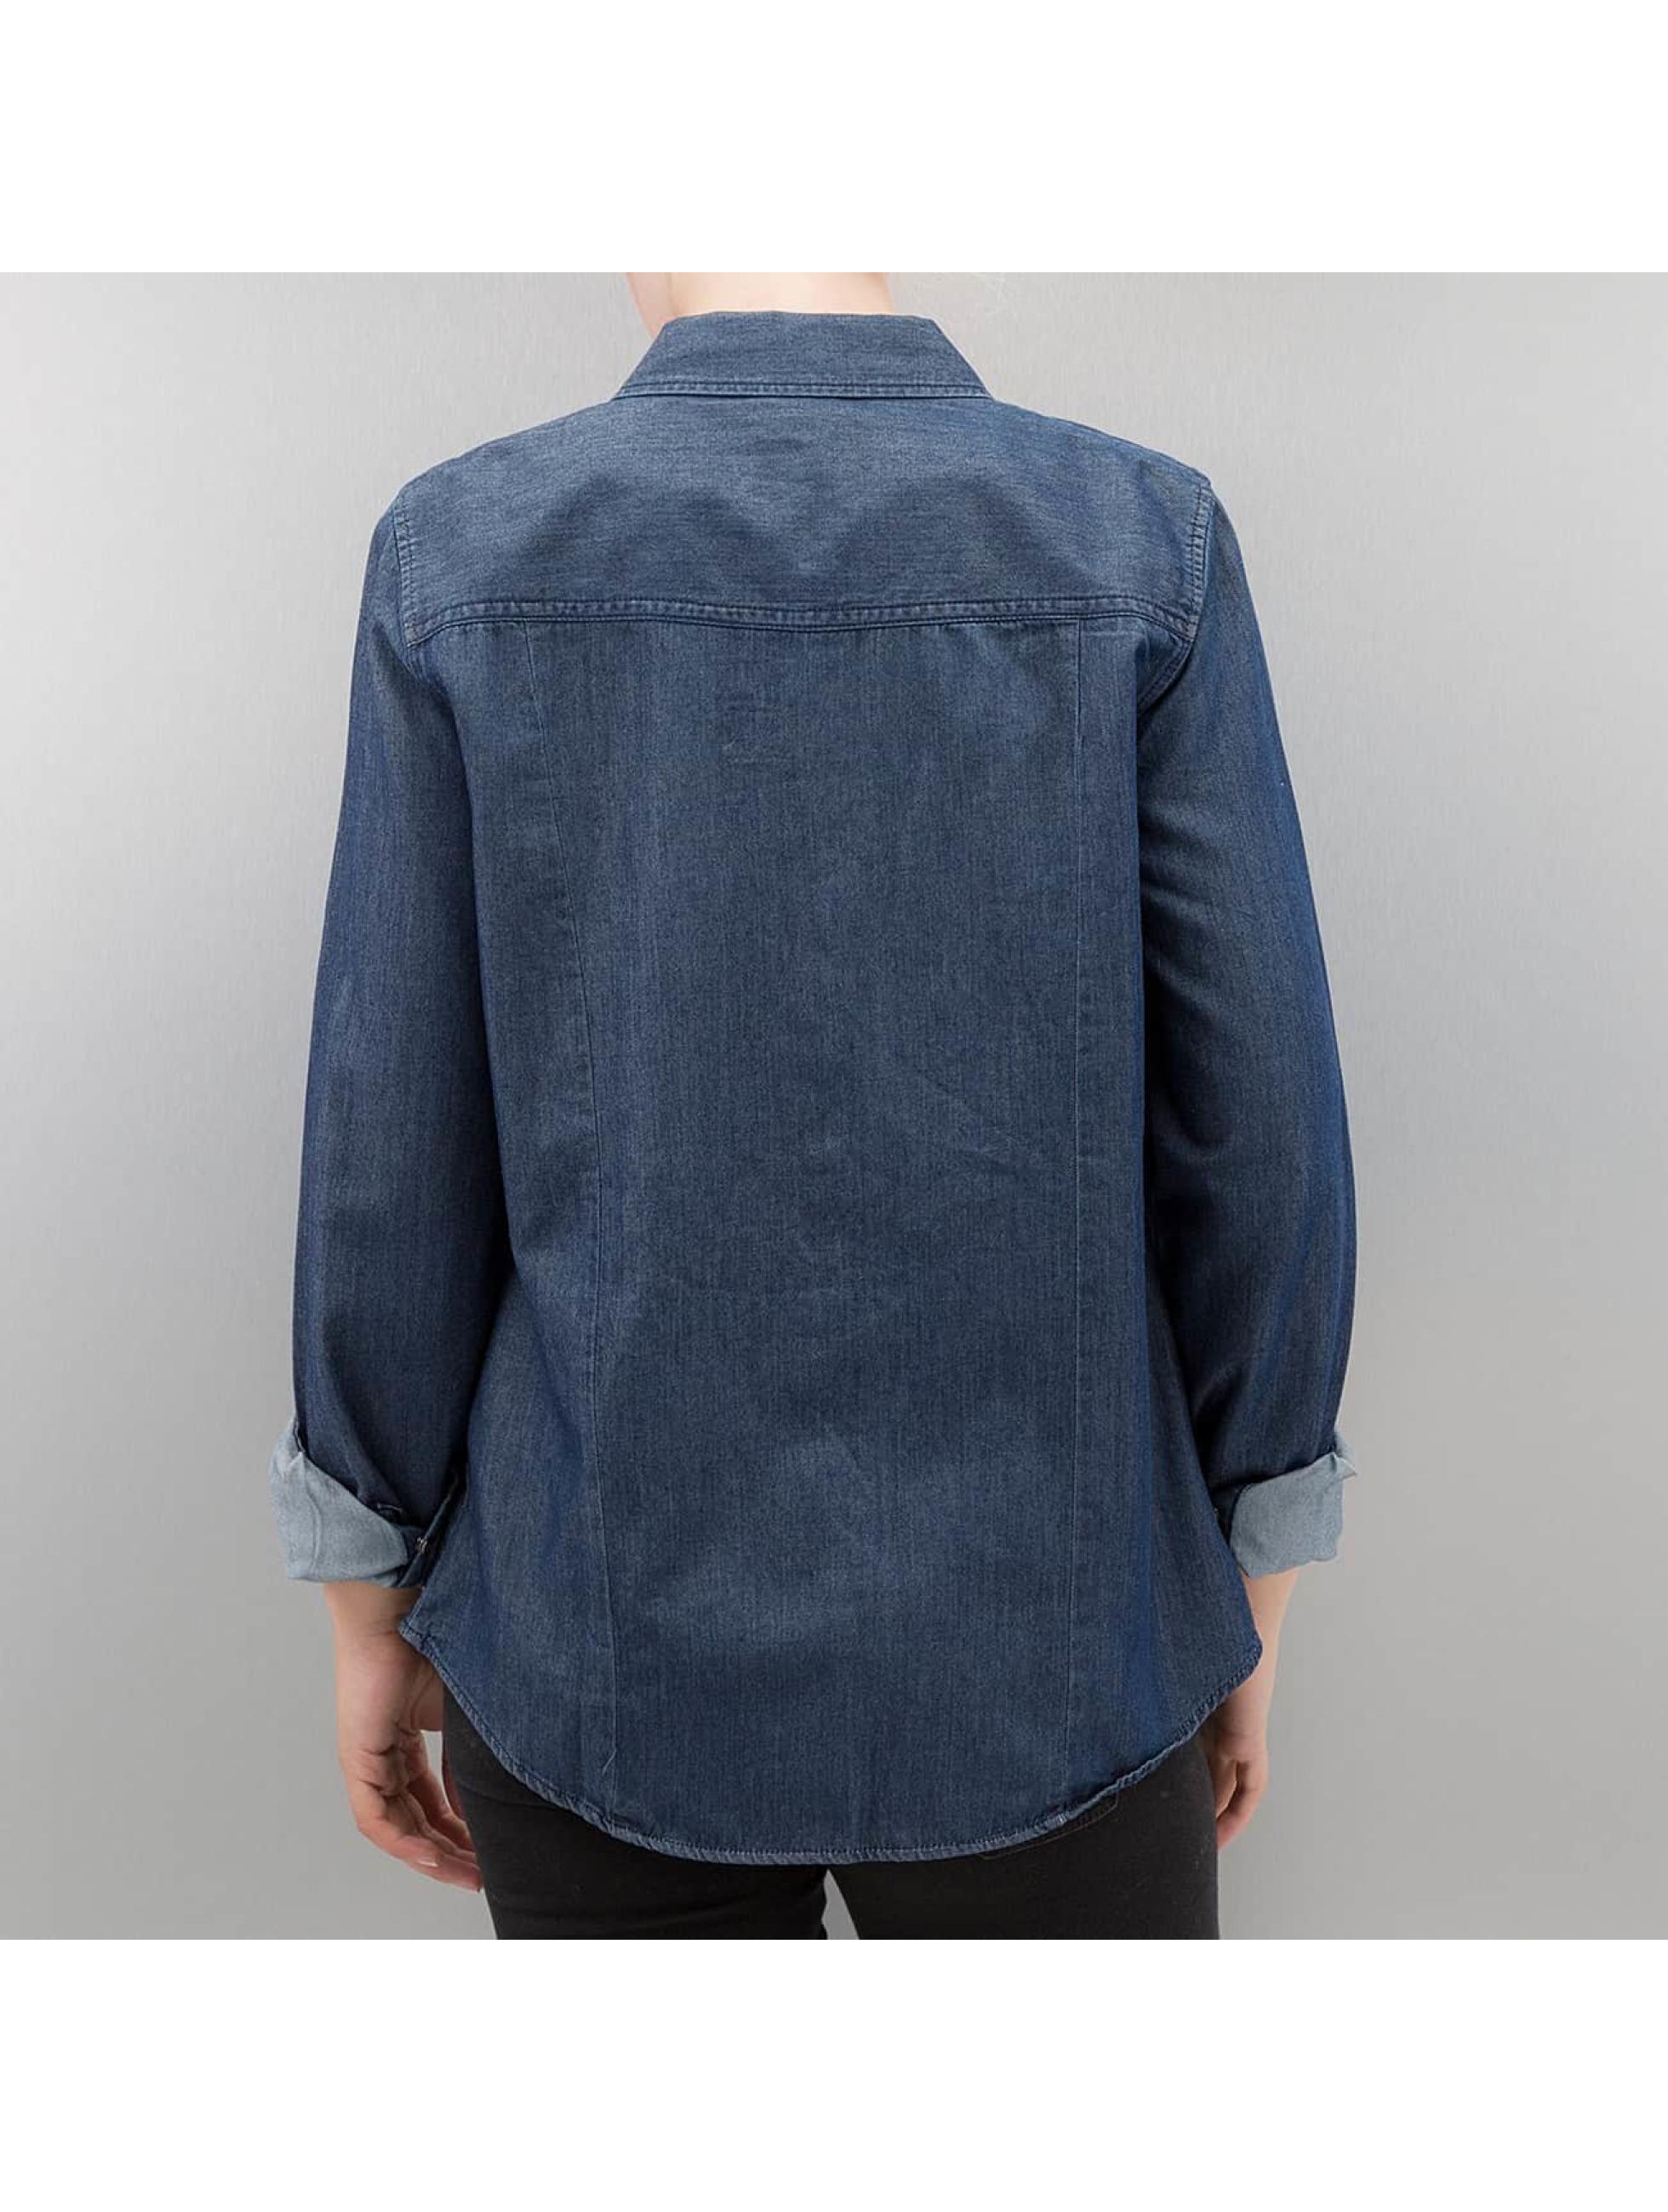 Vero Moda Camicia/Blusa vmDaisy blu